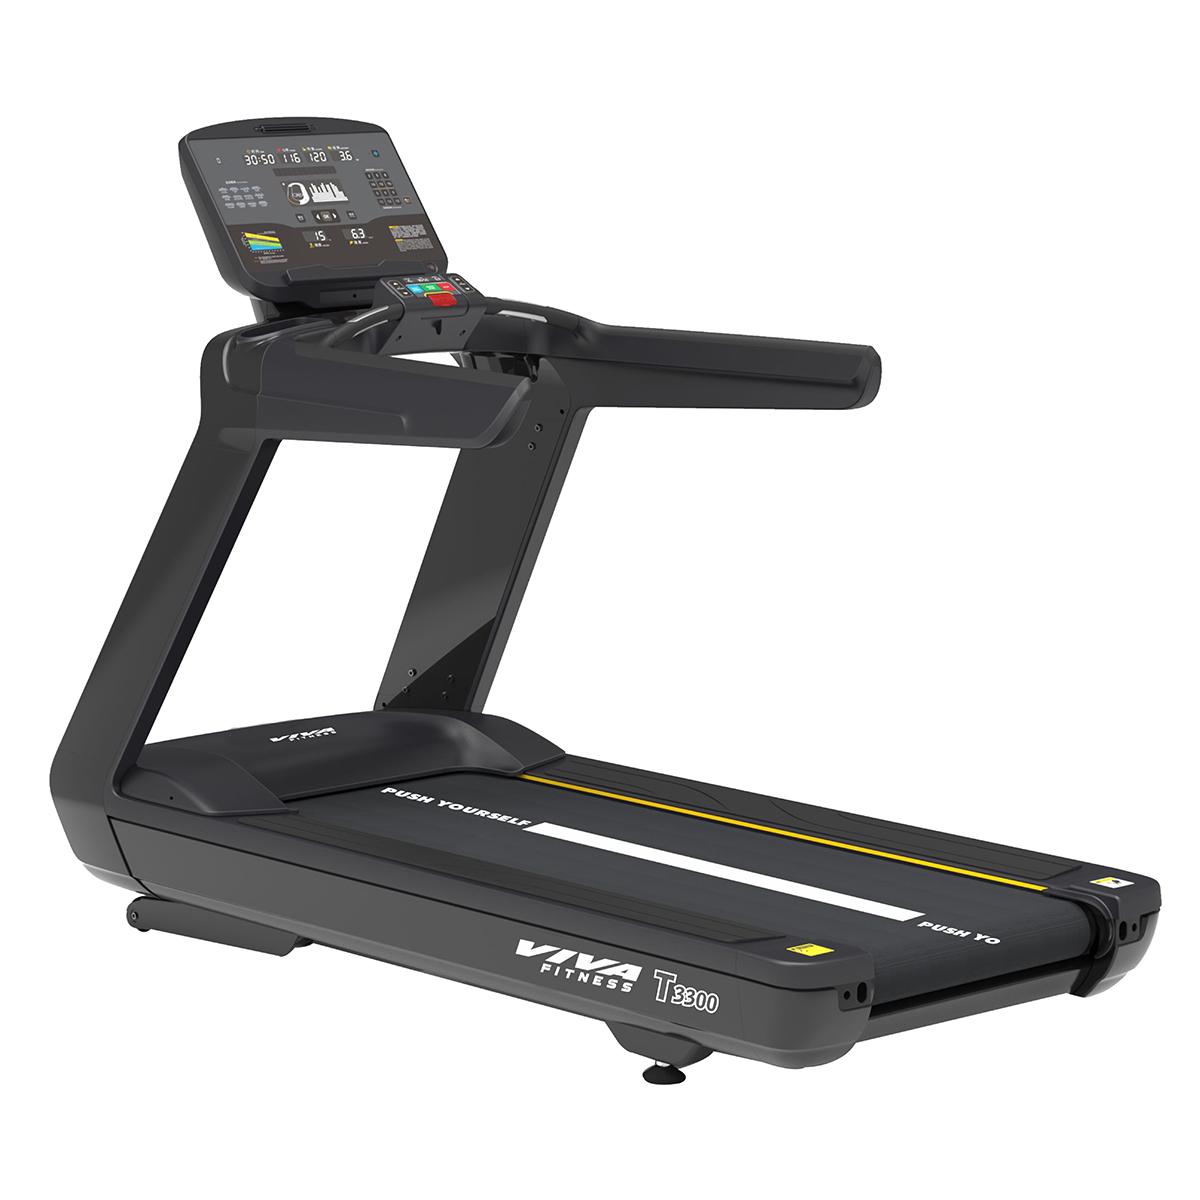 T-3300 Commercial Treadmill